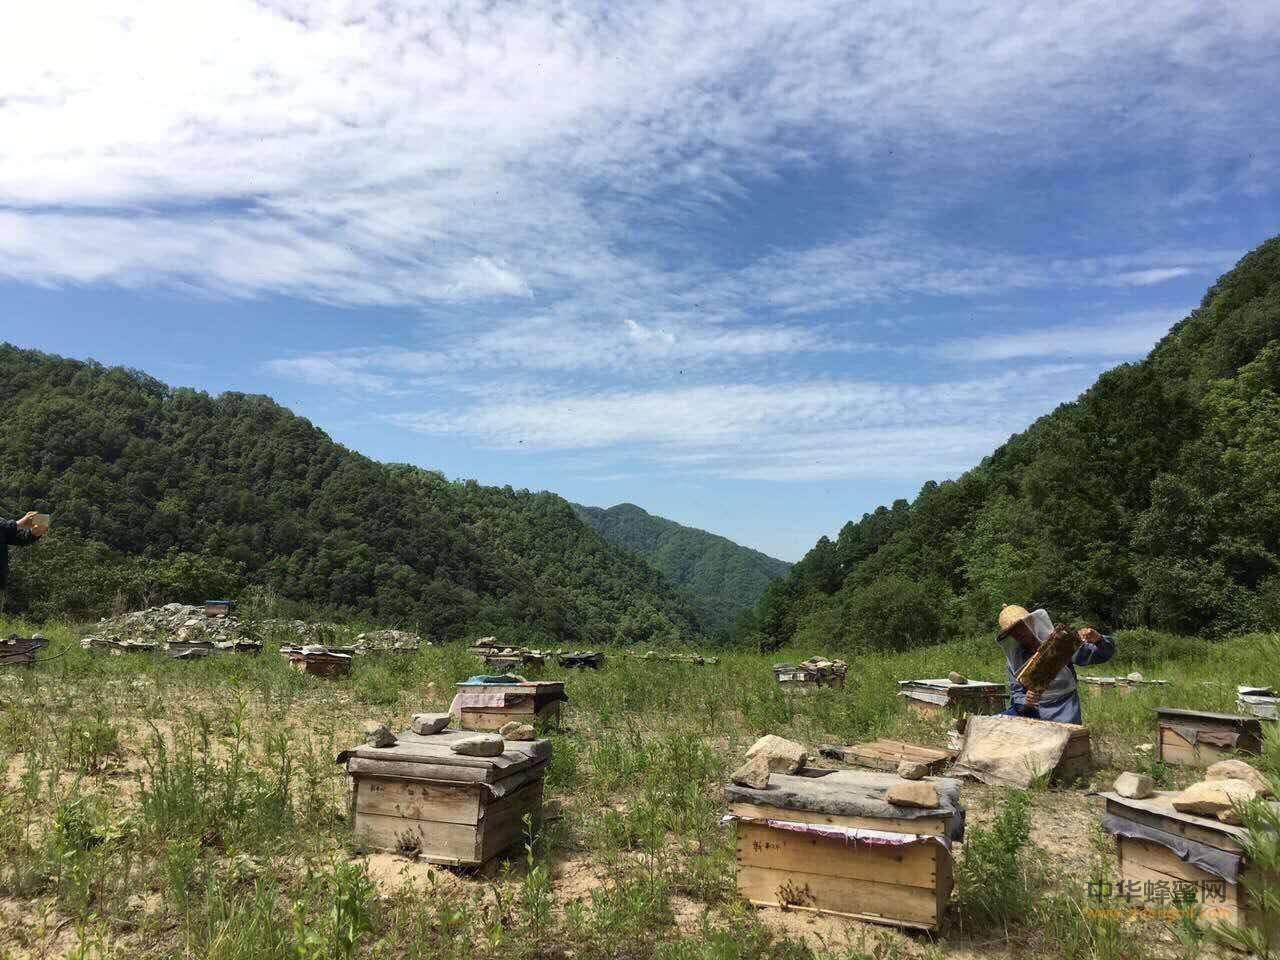 中蜂 中华蜜蜂 人工分蜂 养蜂技术 中蜂养殖技术 分蜂方法